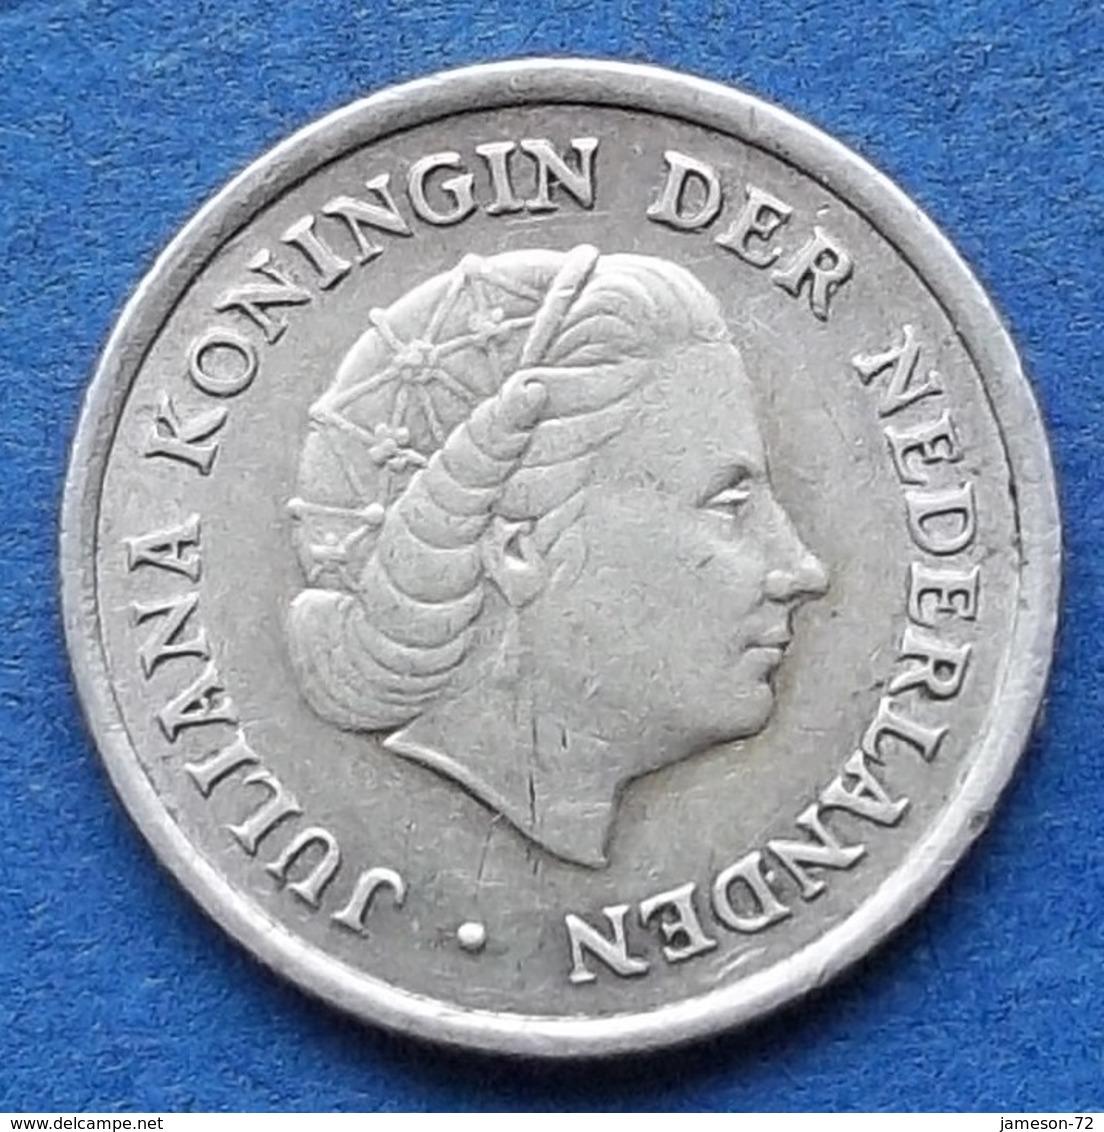 NETHERLANDS ANTILLES - Silver 1/10 Gulden 1966 Fish & Star KM#3  Edelweiss Coins - Netherland Antilles